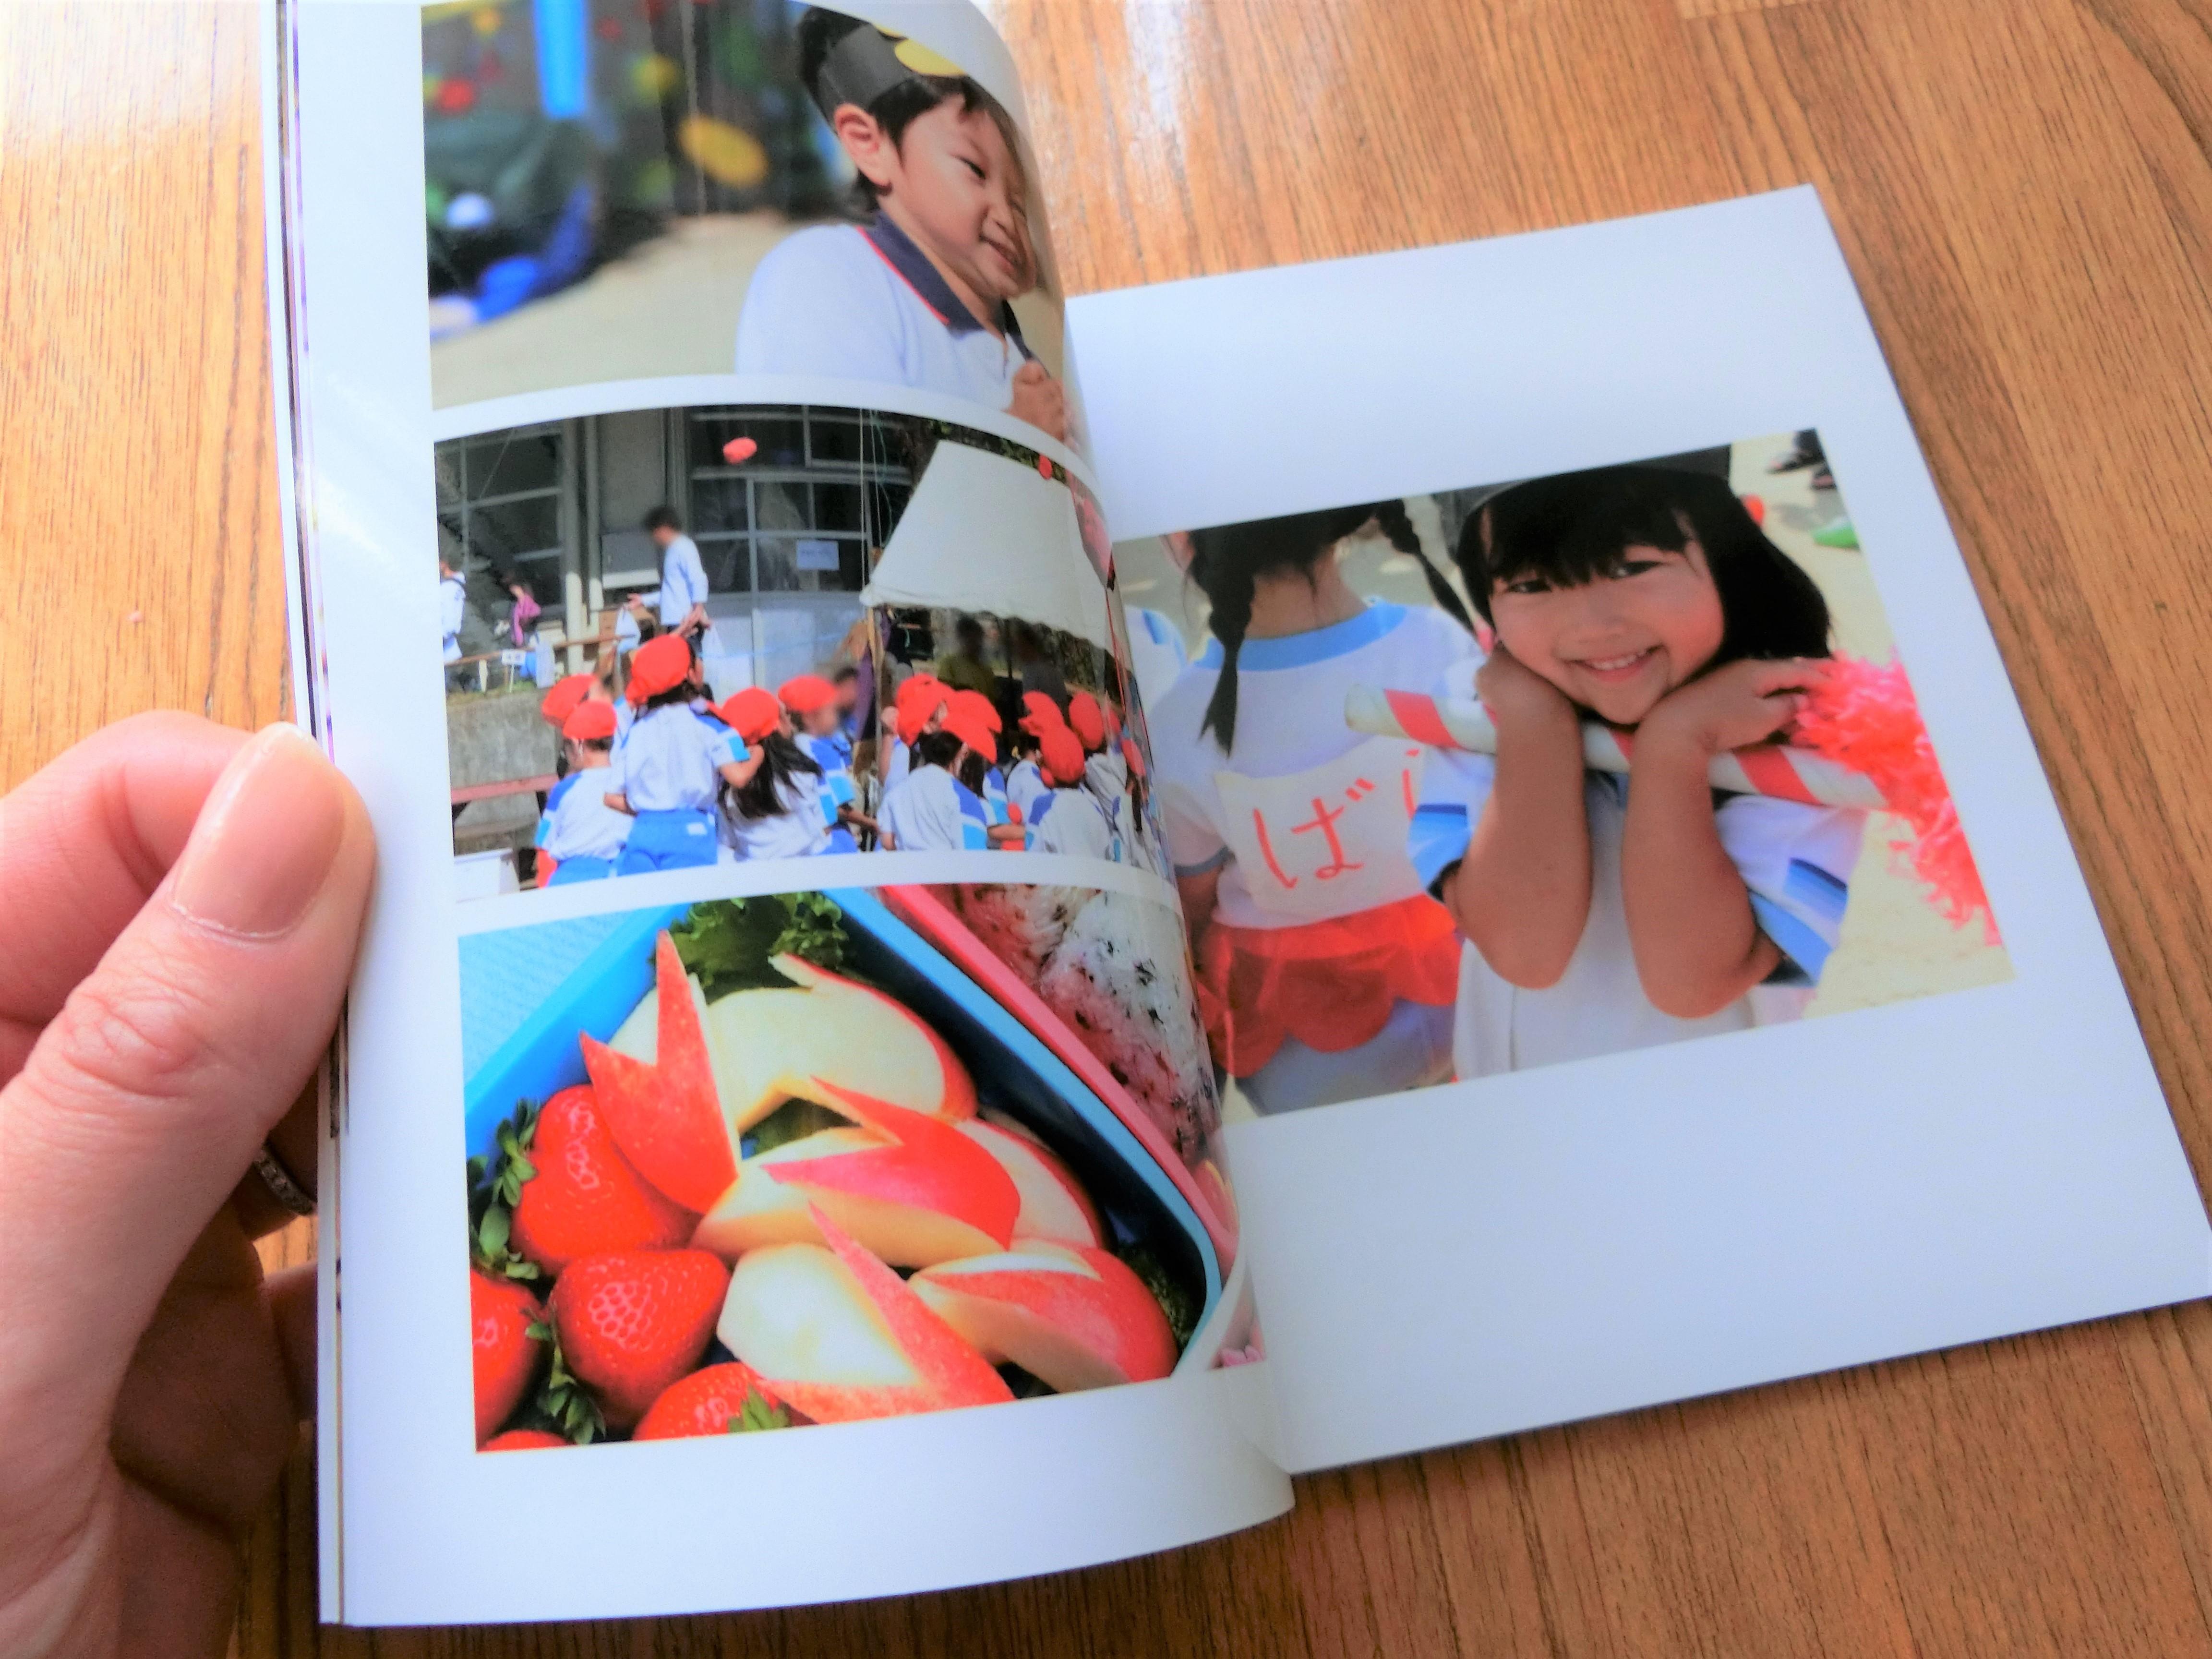 ネットプリントジャパン・プレミアム光沢仕上げの写真